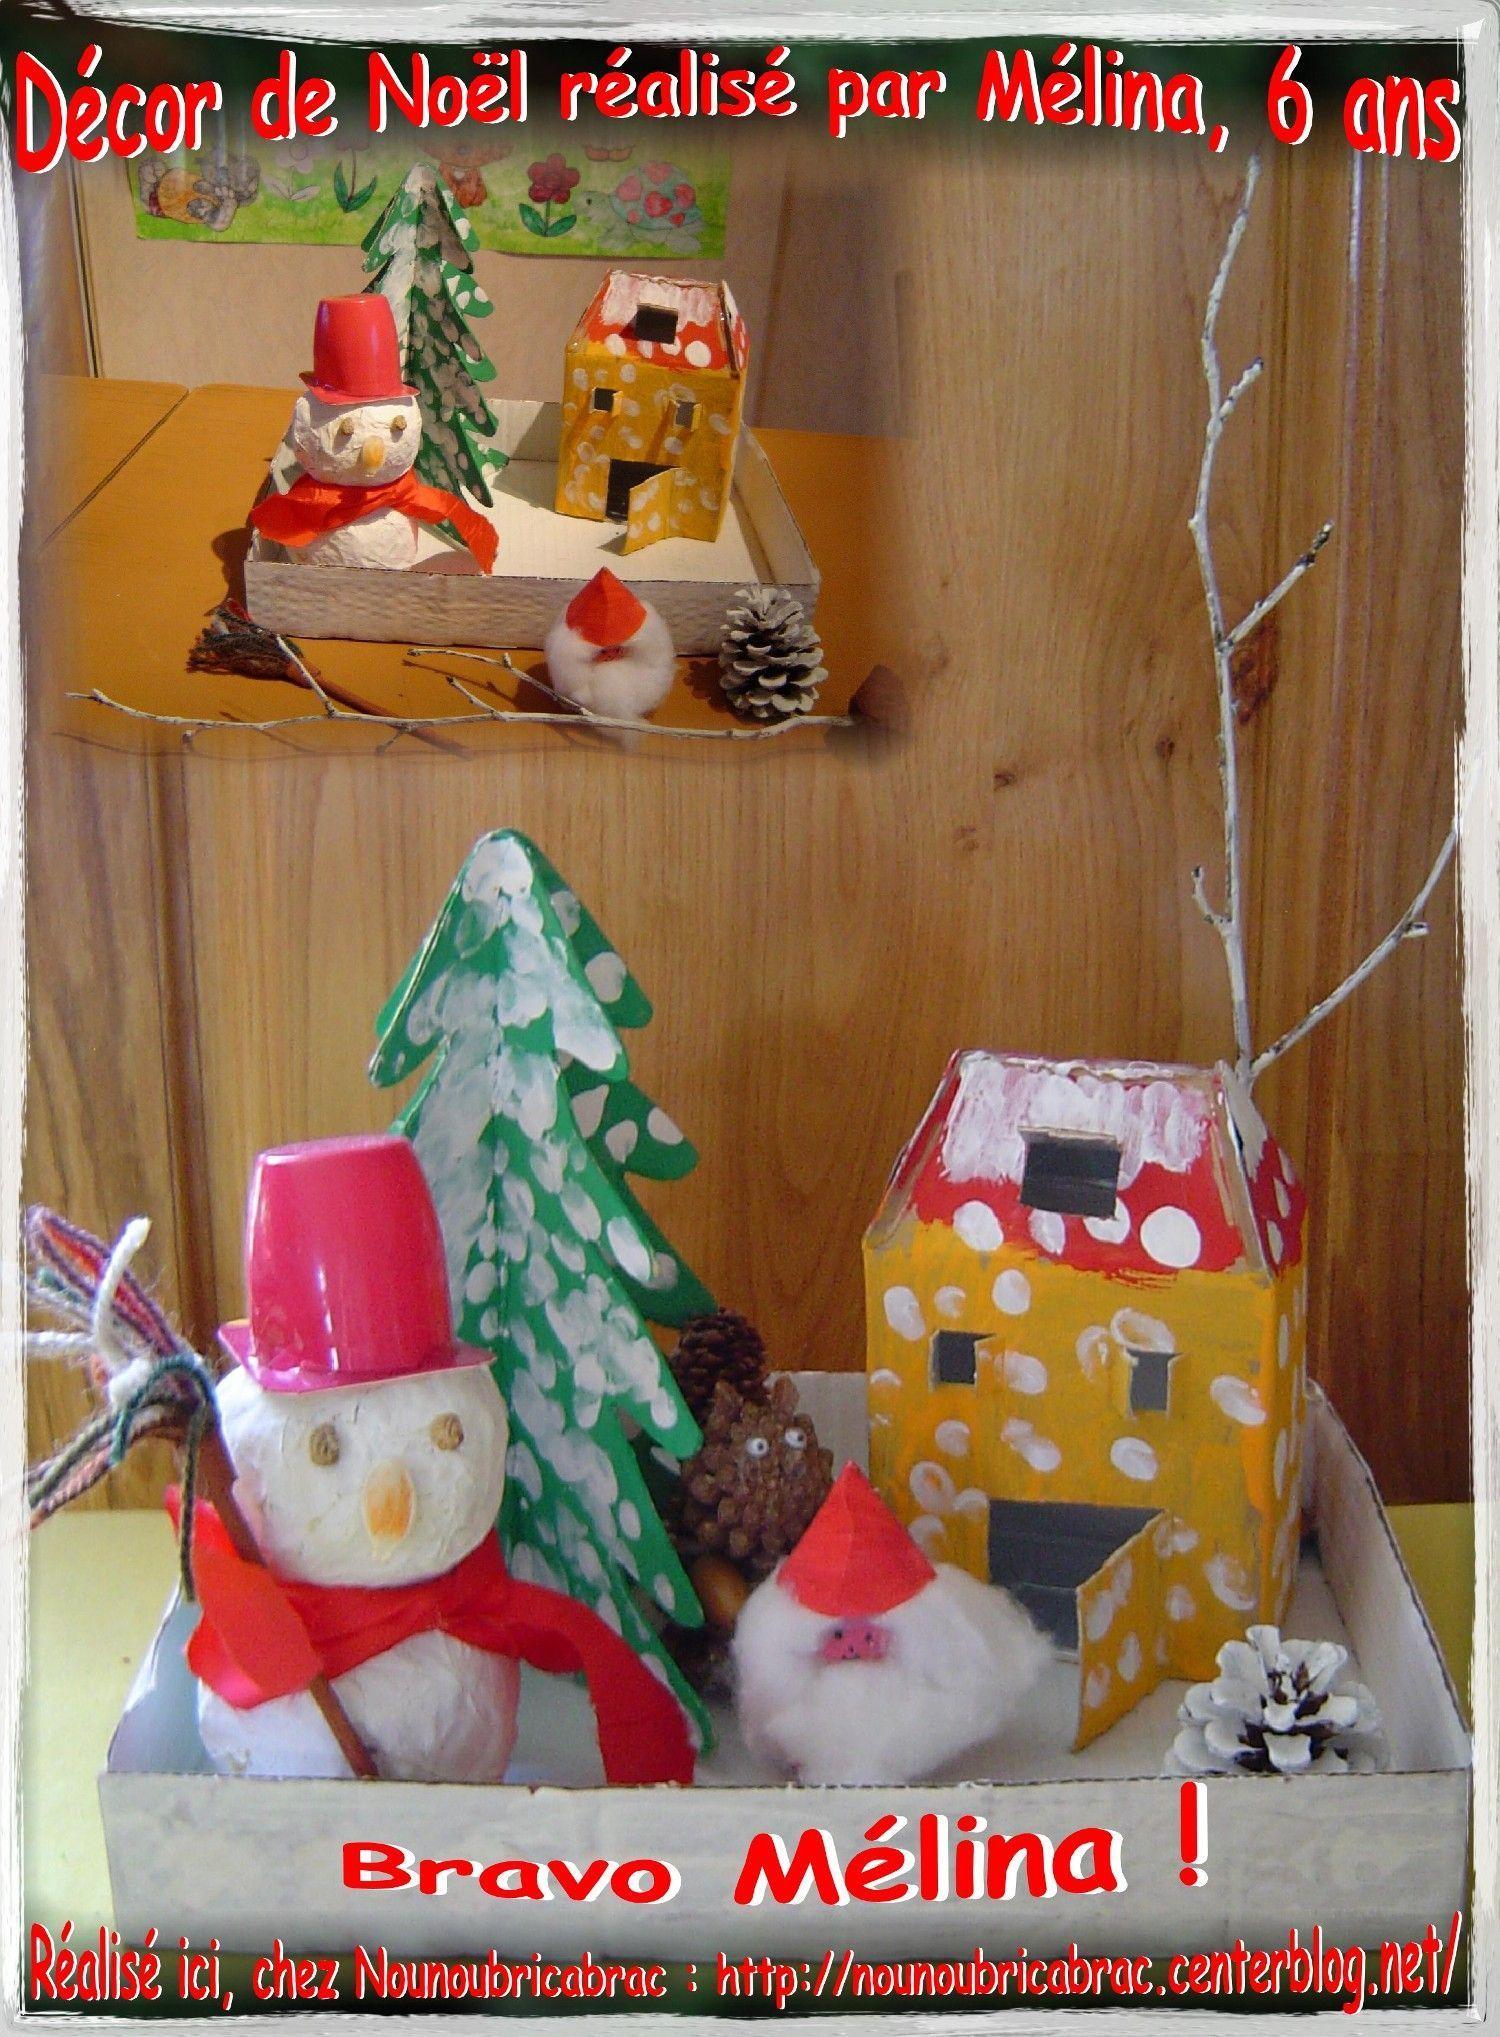 #AF1C1D Bricolages Pour Noel Deco A Realiser Soi Meme Page 4 5301 décorations de noël a fabriquer soi même bonhomme de neige 1500x2037 px @ aertt.com